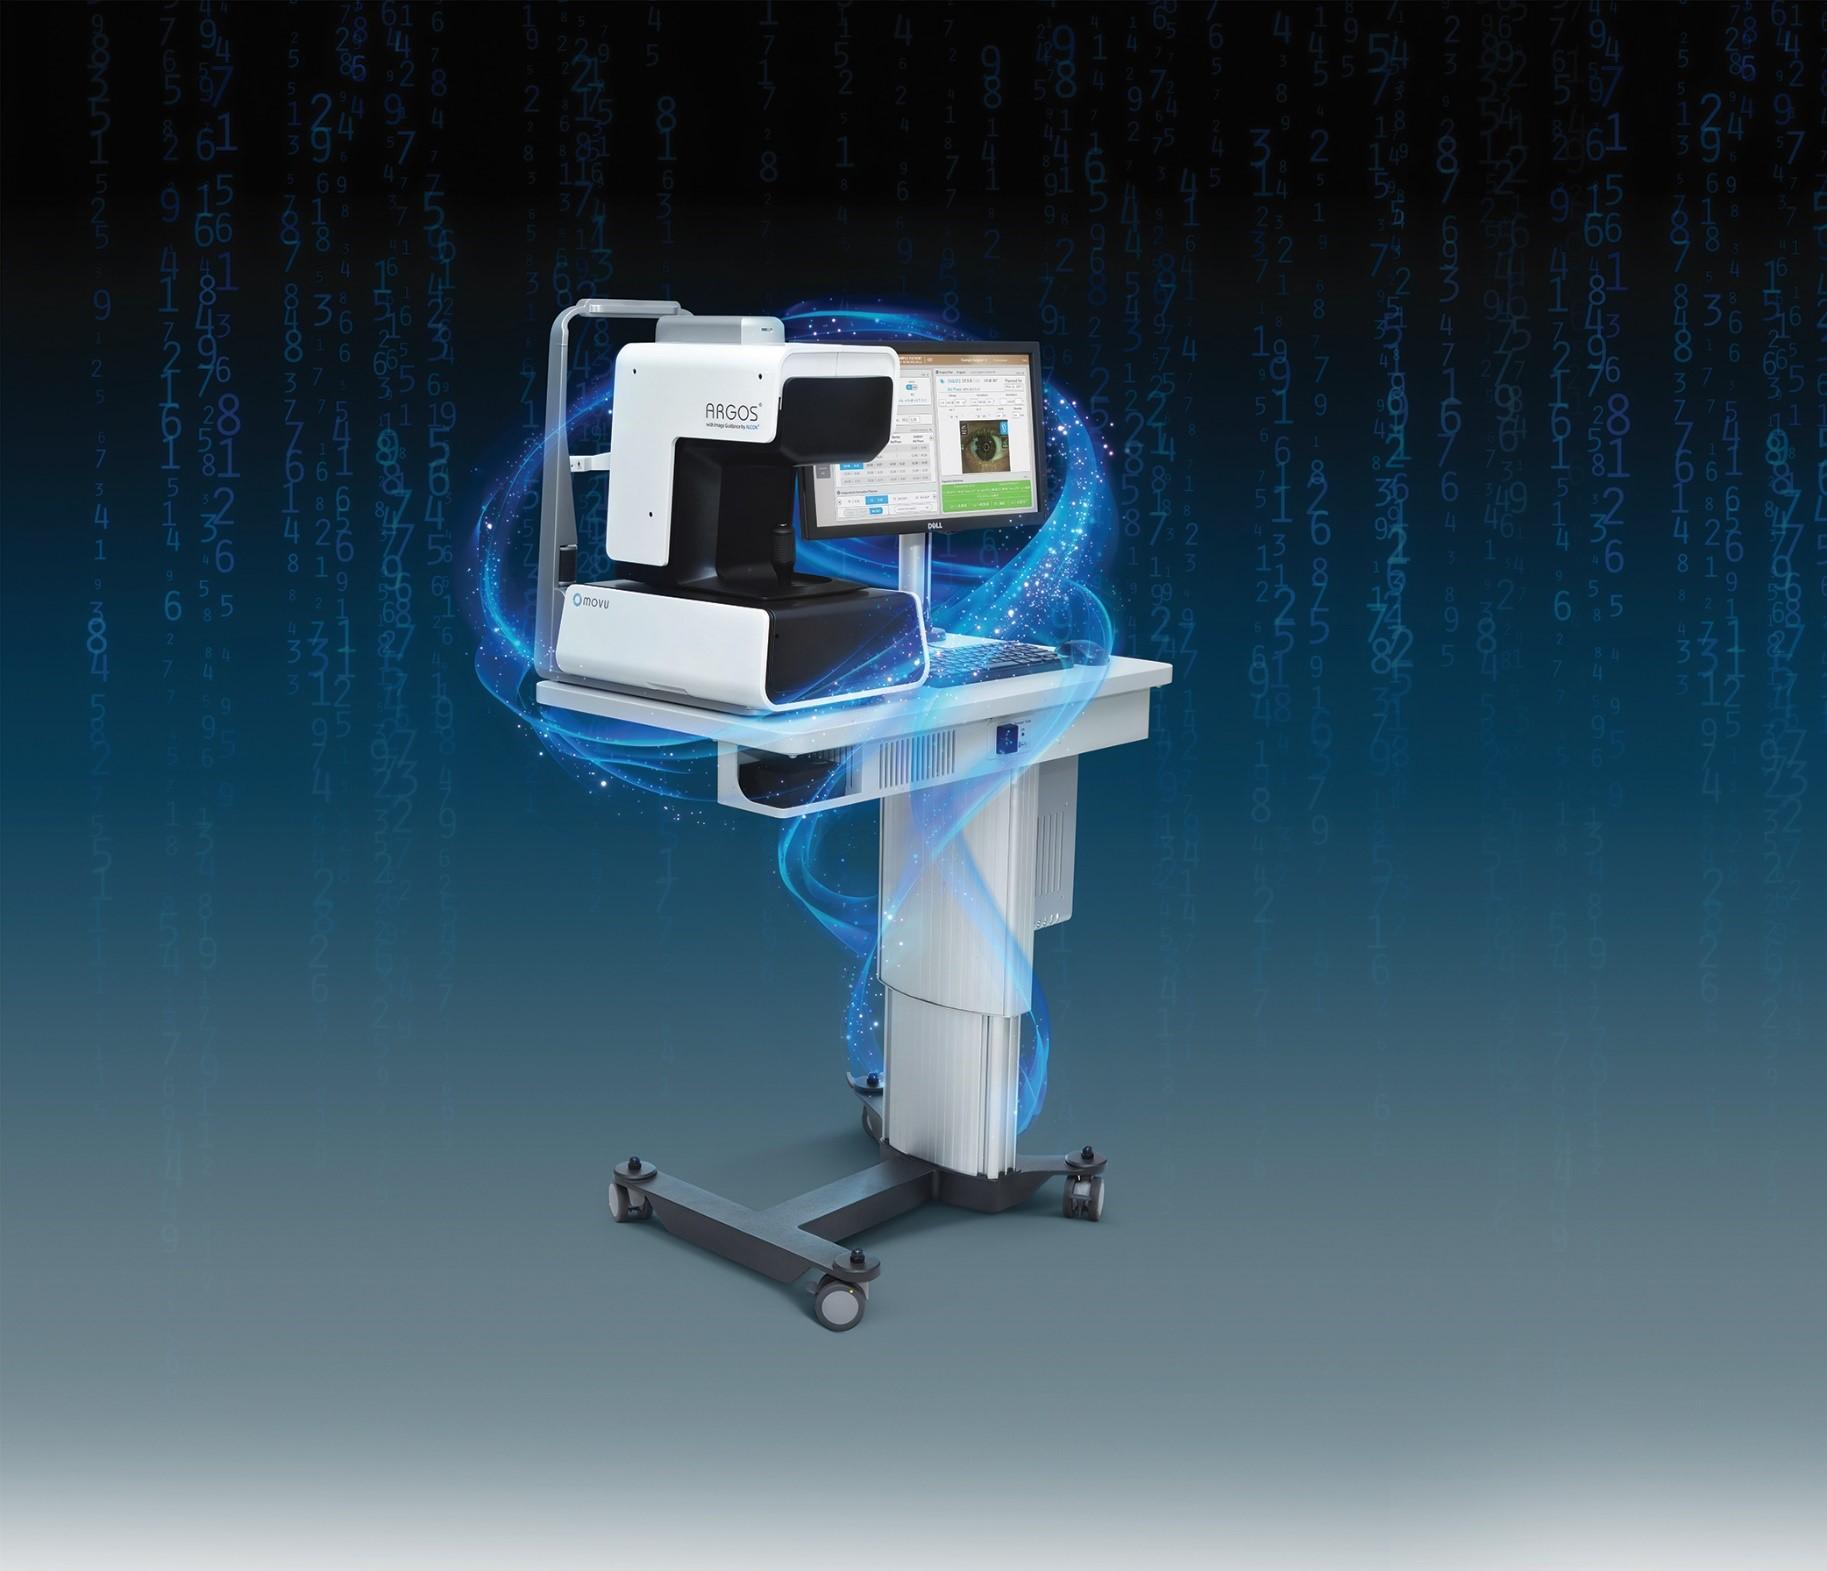 香川県初導入!最新式の白内障検査機器ARGOSを導入しました。